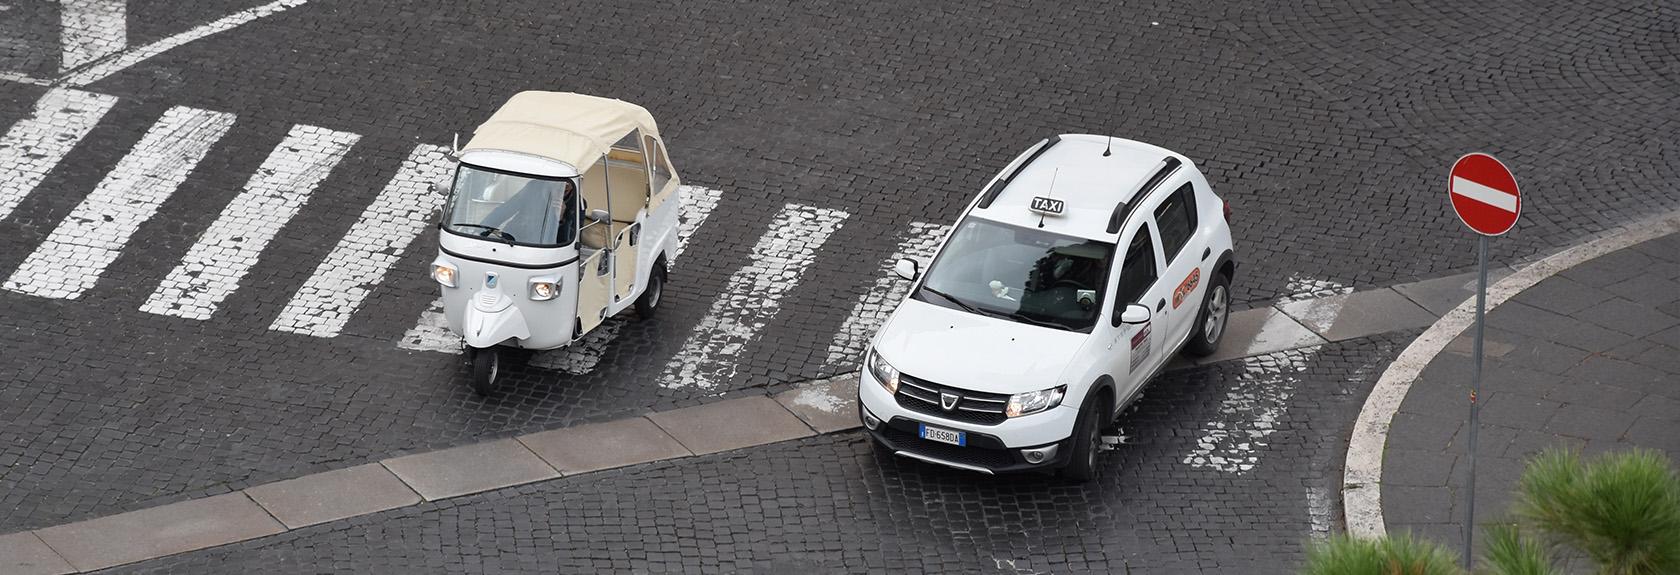 Uw Taxi- En Touringcar Specialist